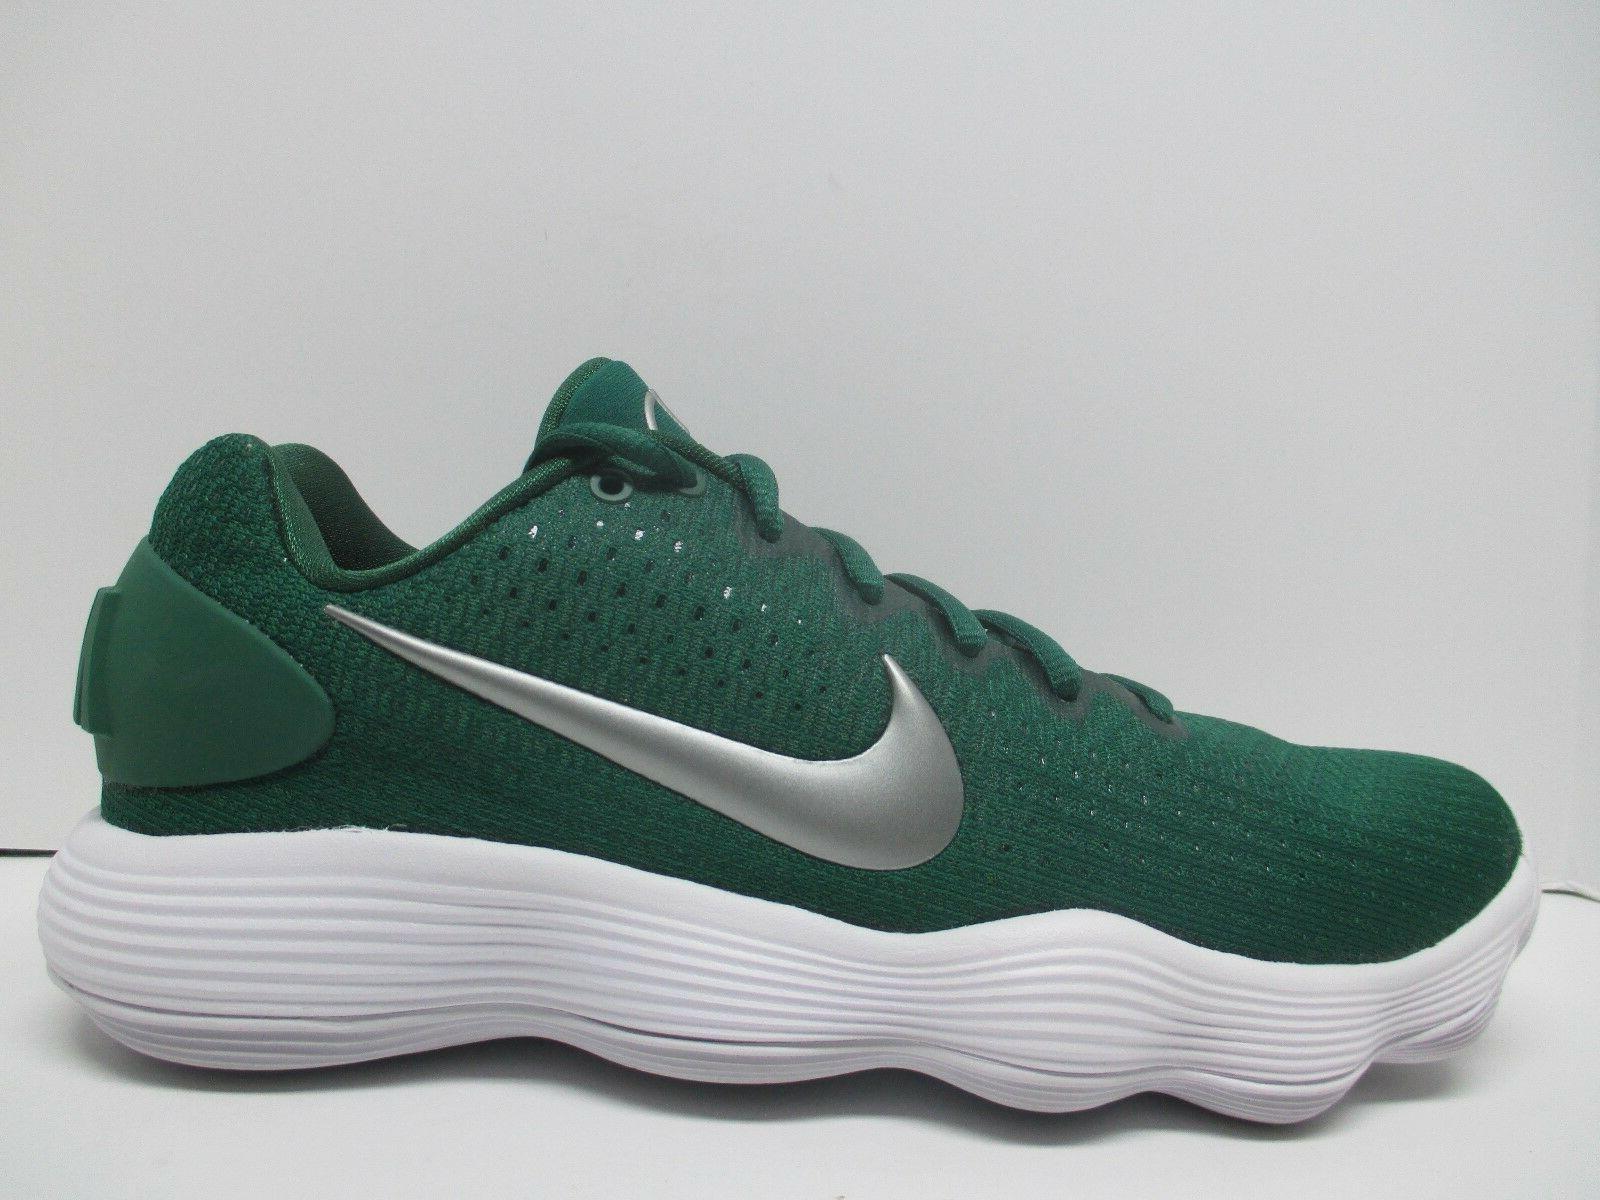 new hyperdunk 2017 low basketball shoes green